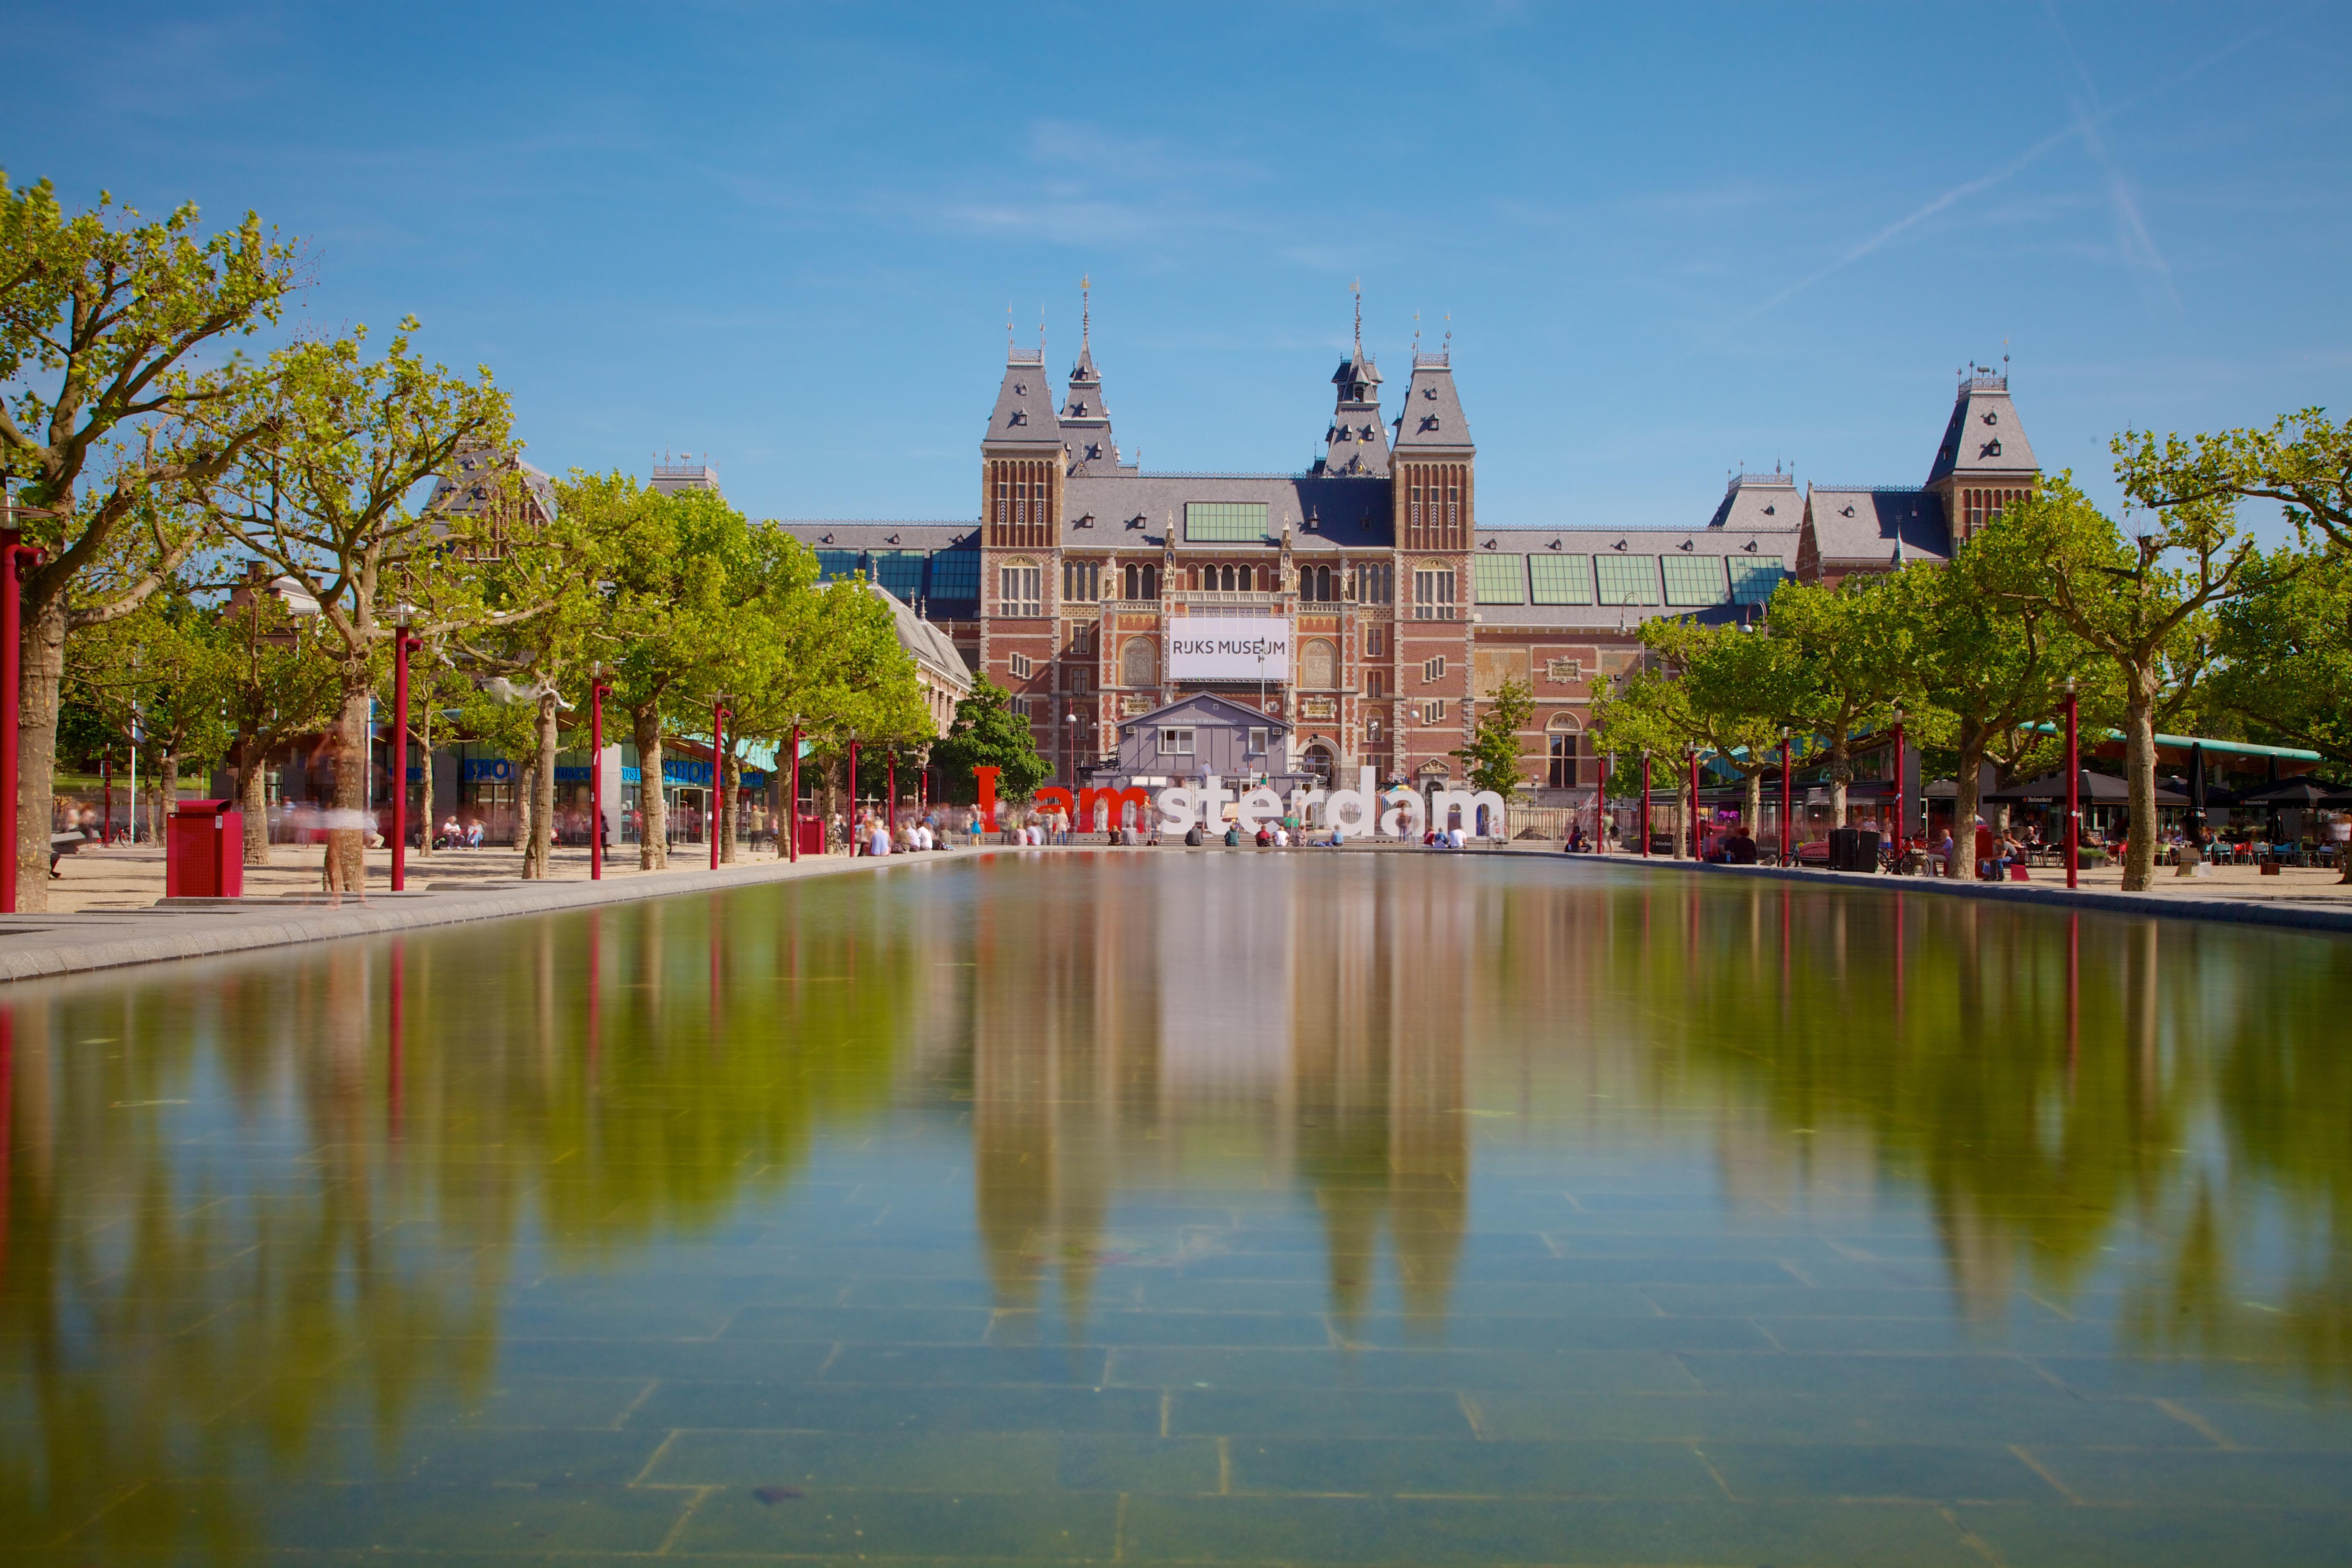 Imagebox_-_Rijks_Museum.jpg?1548791353